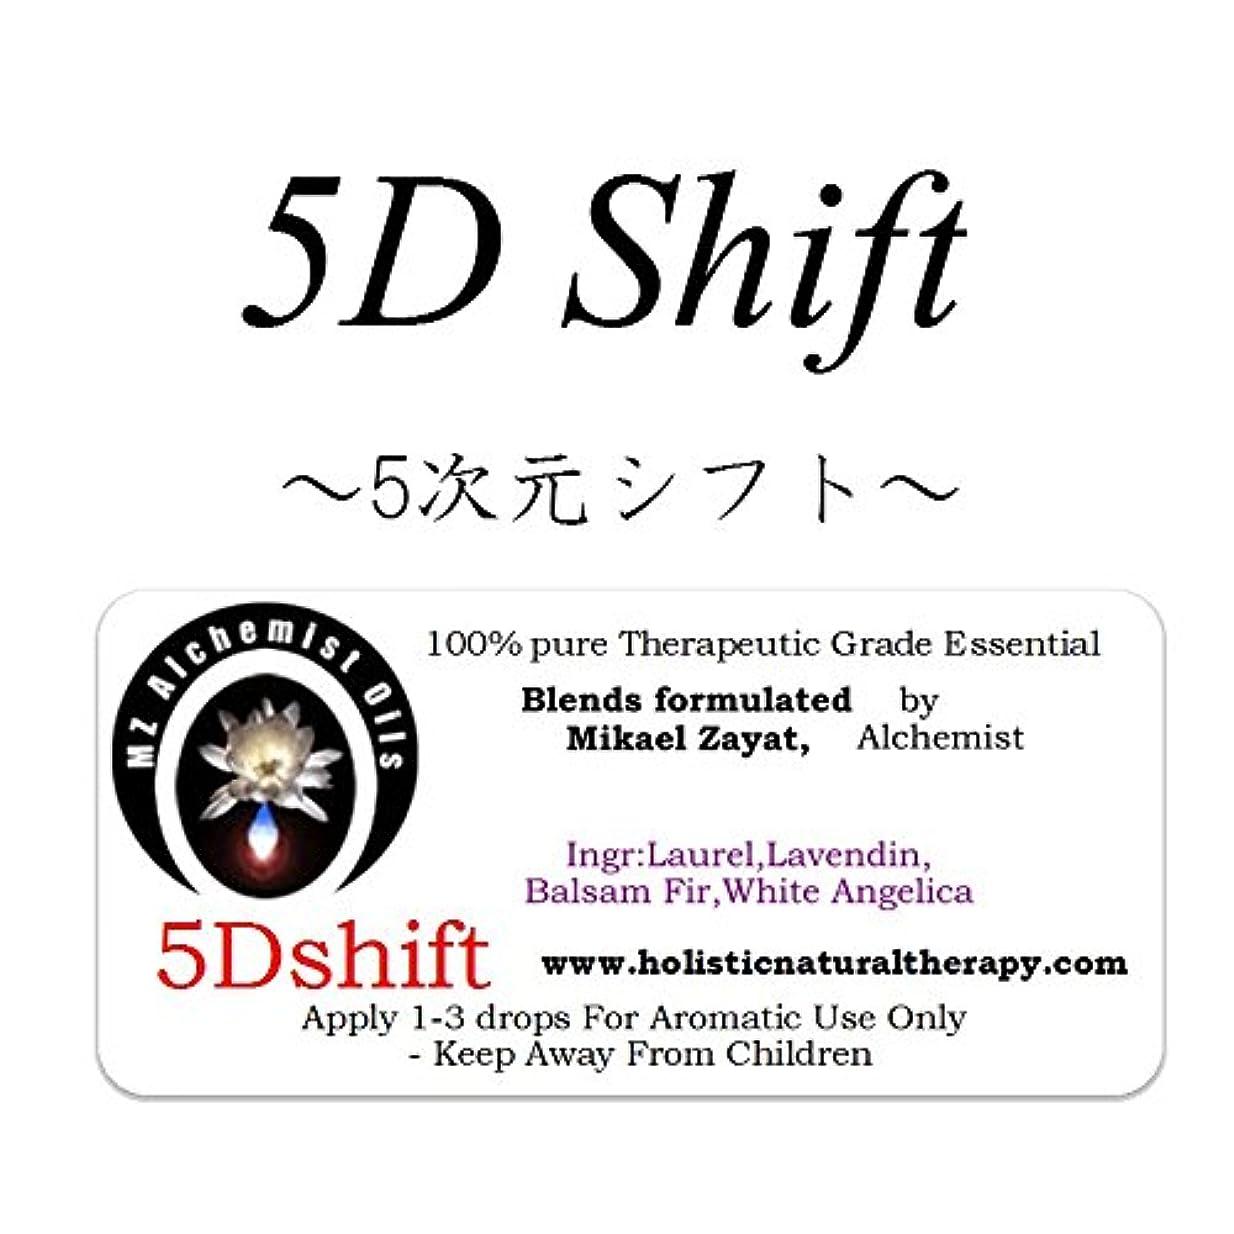 消毒剤シプリー悪性ミカエル?ザヤットアルケミストオイル セラピストグレードアロマオイル 5D Shift-5次元シフト- 4ml